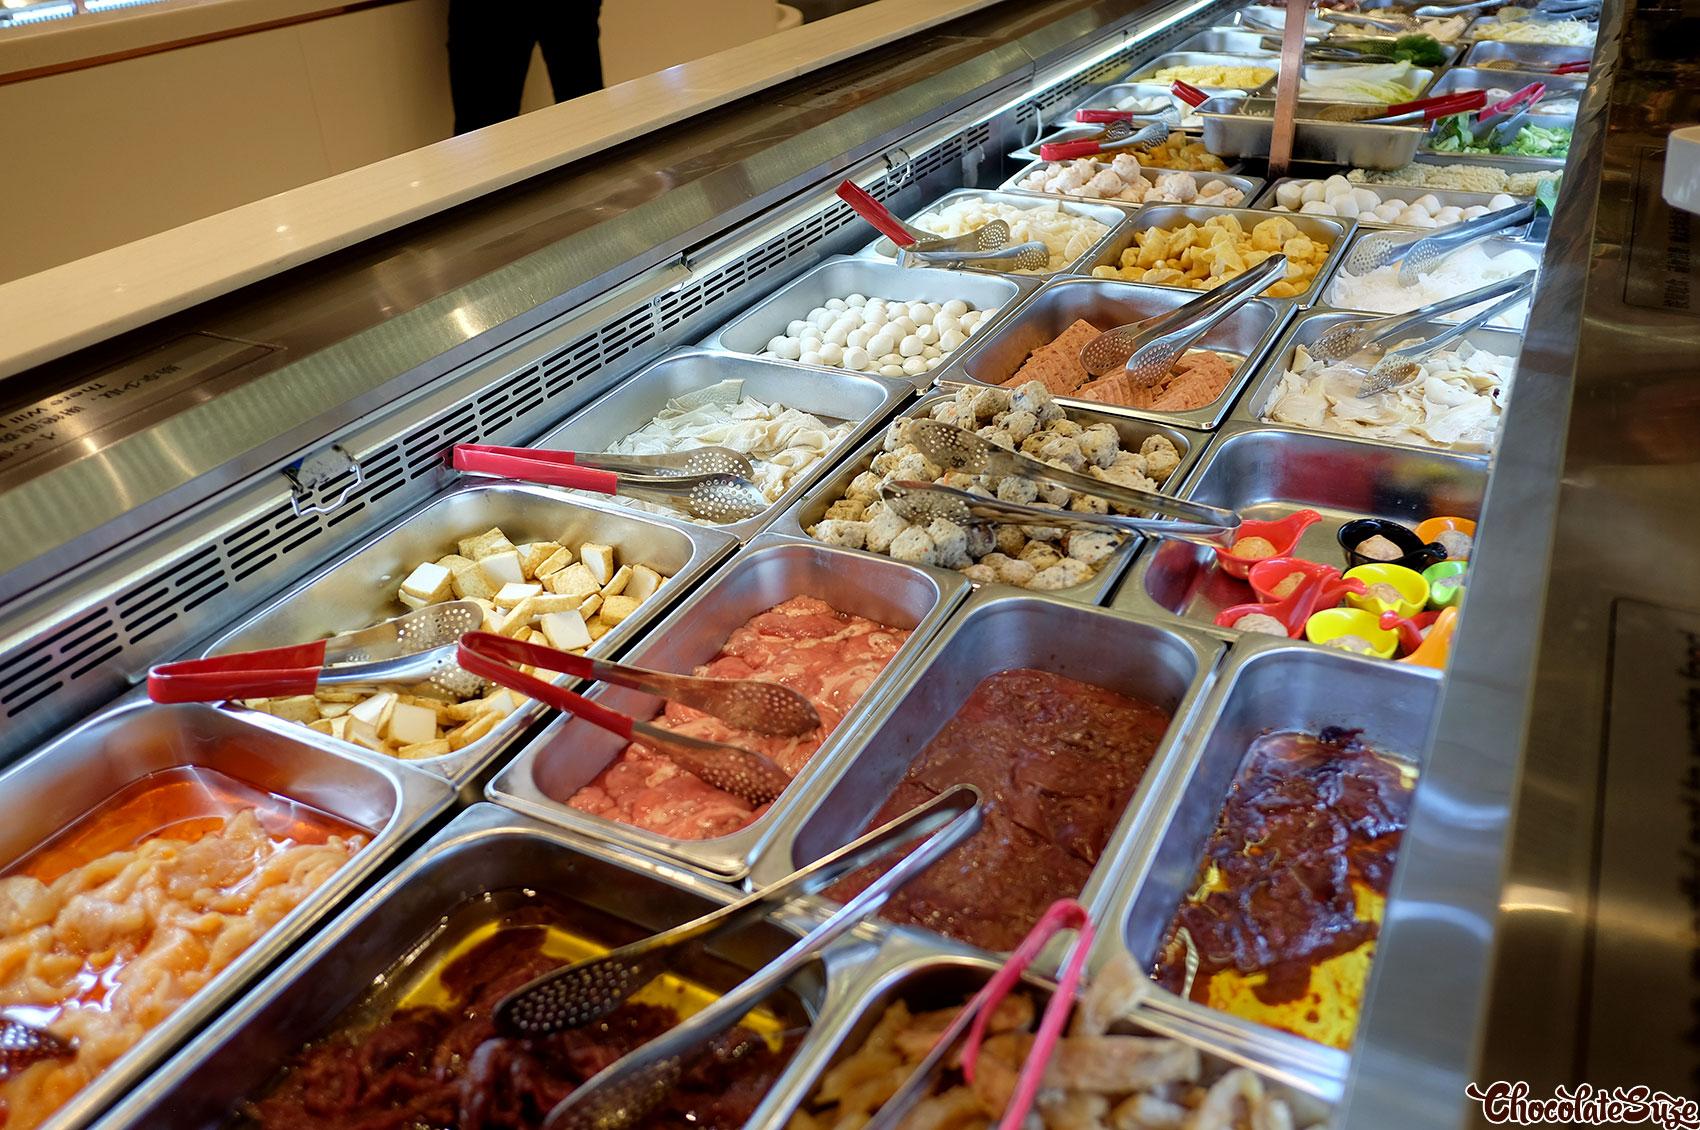 Offal station, Legend Hot Pot buffet, Burwood